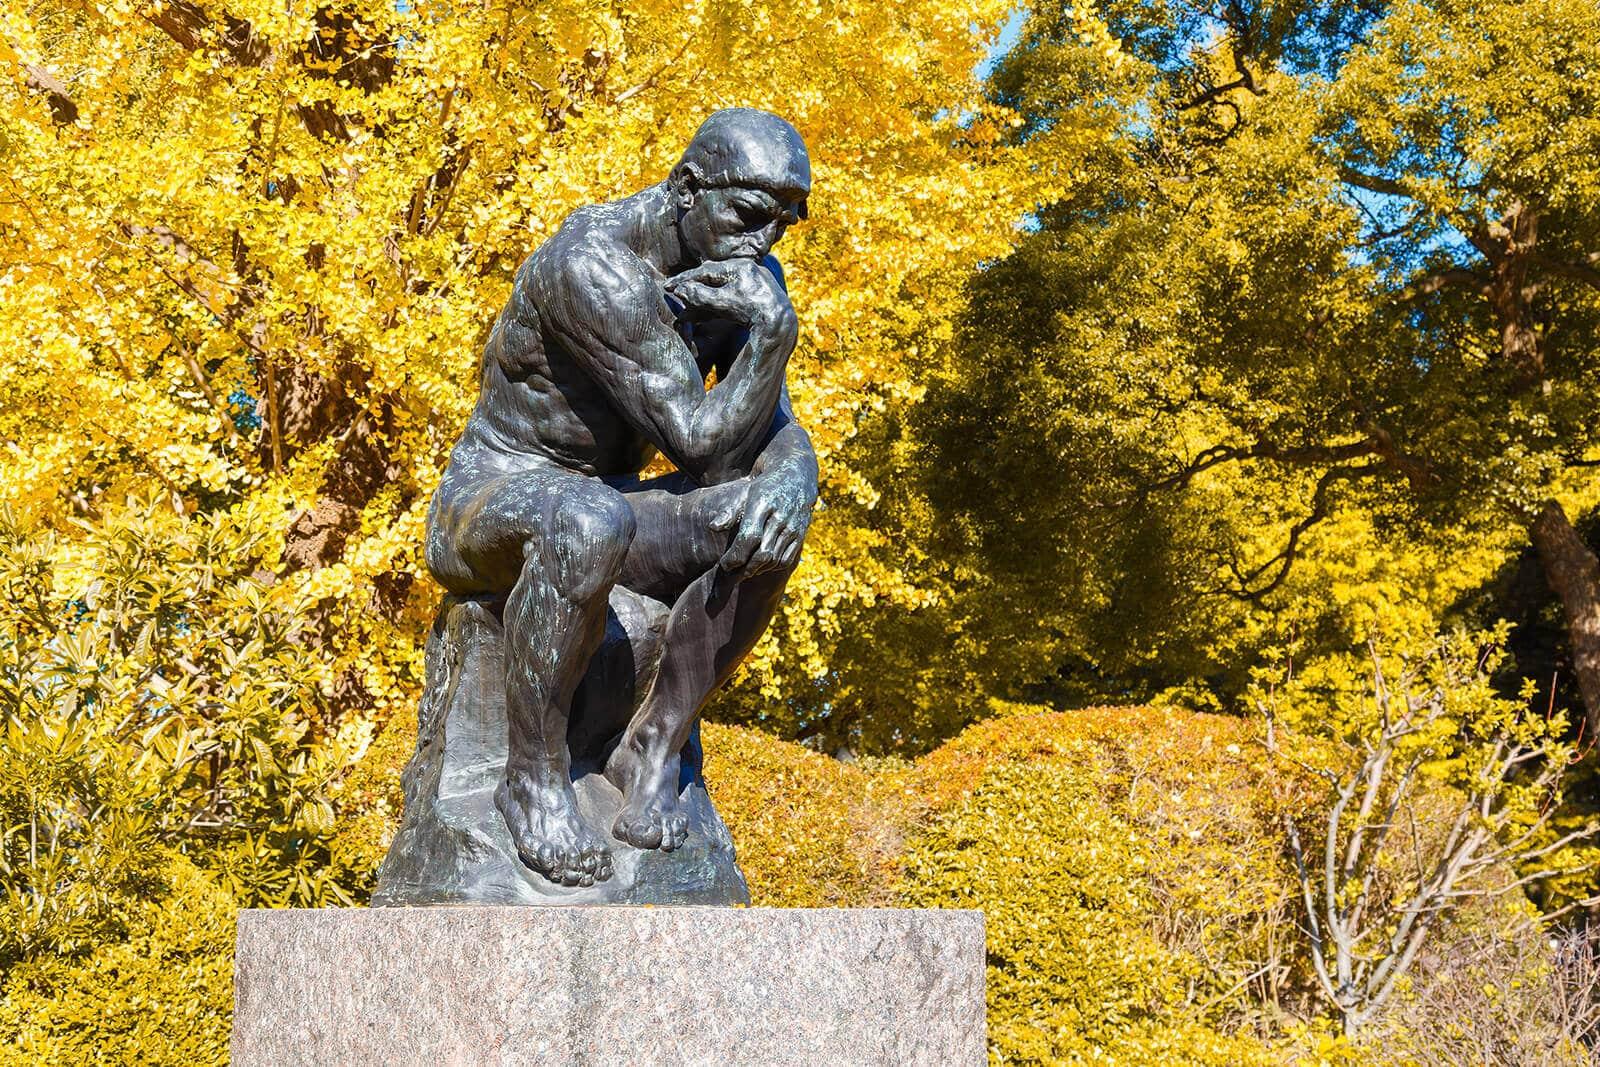 Der Denker als Bronzefigur auf einem Steinsockel.